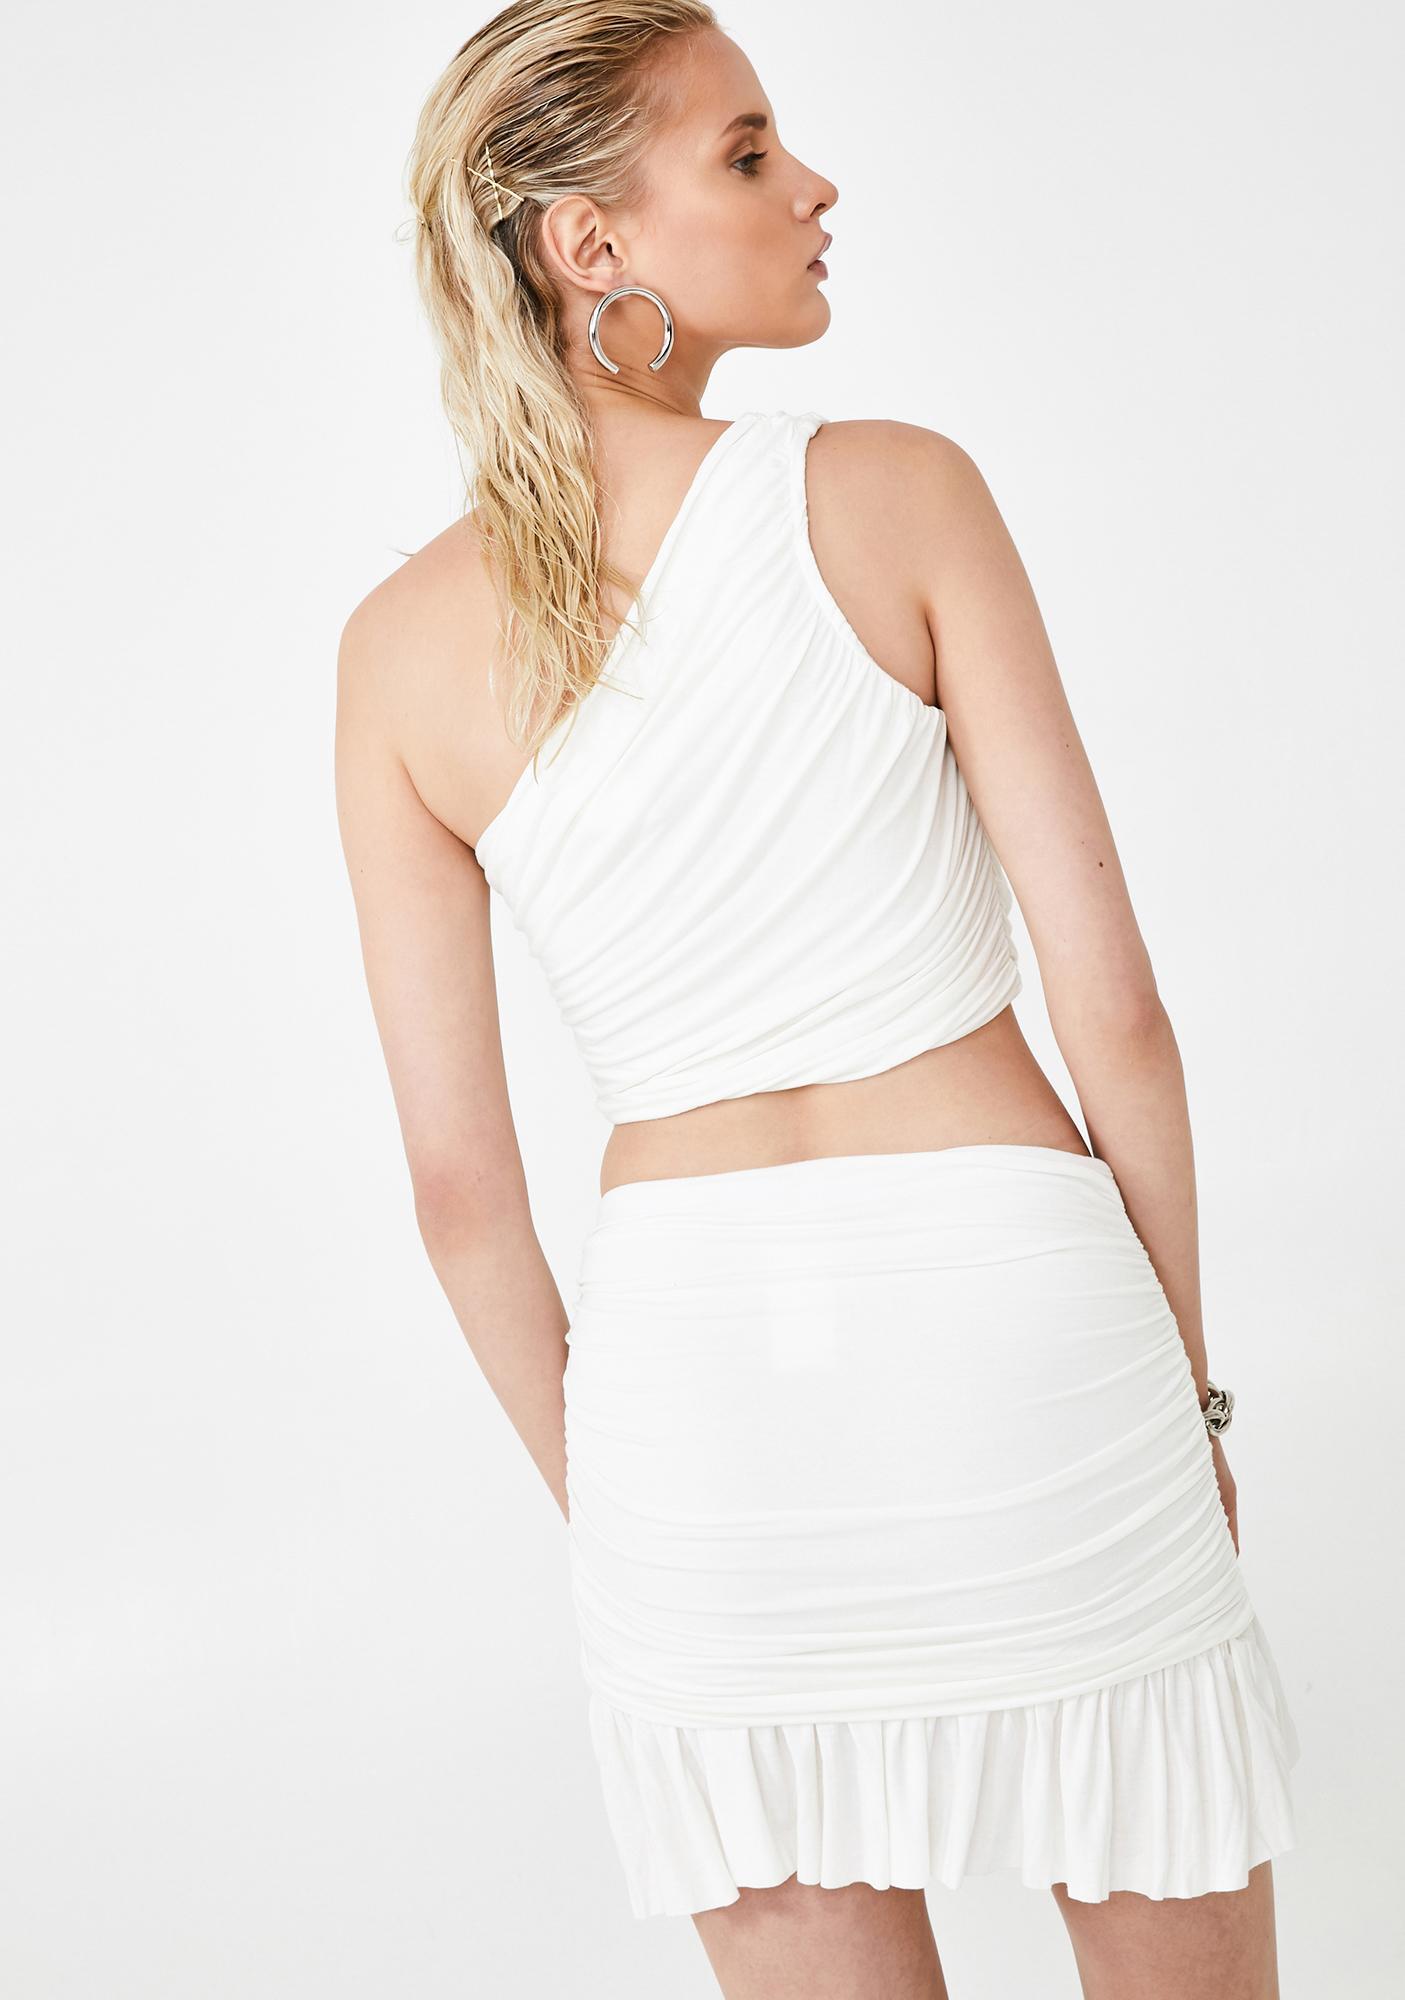 Kiki Riki Angelic Y2K Queen Skirt Set